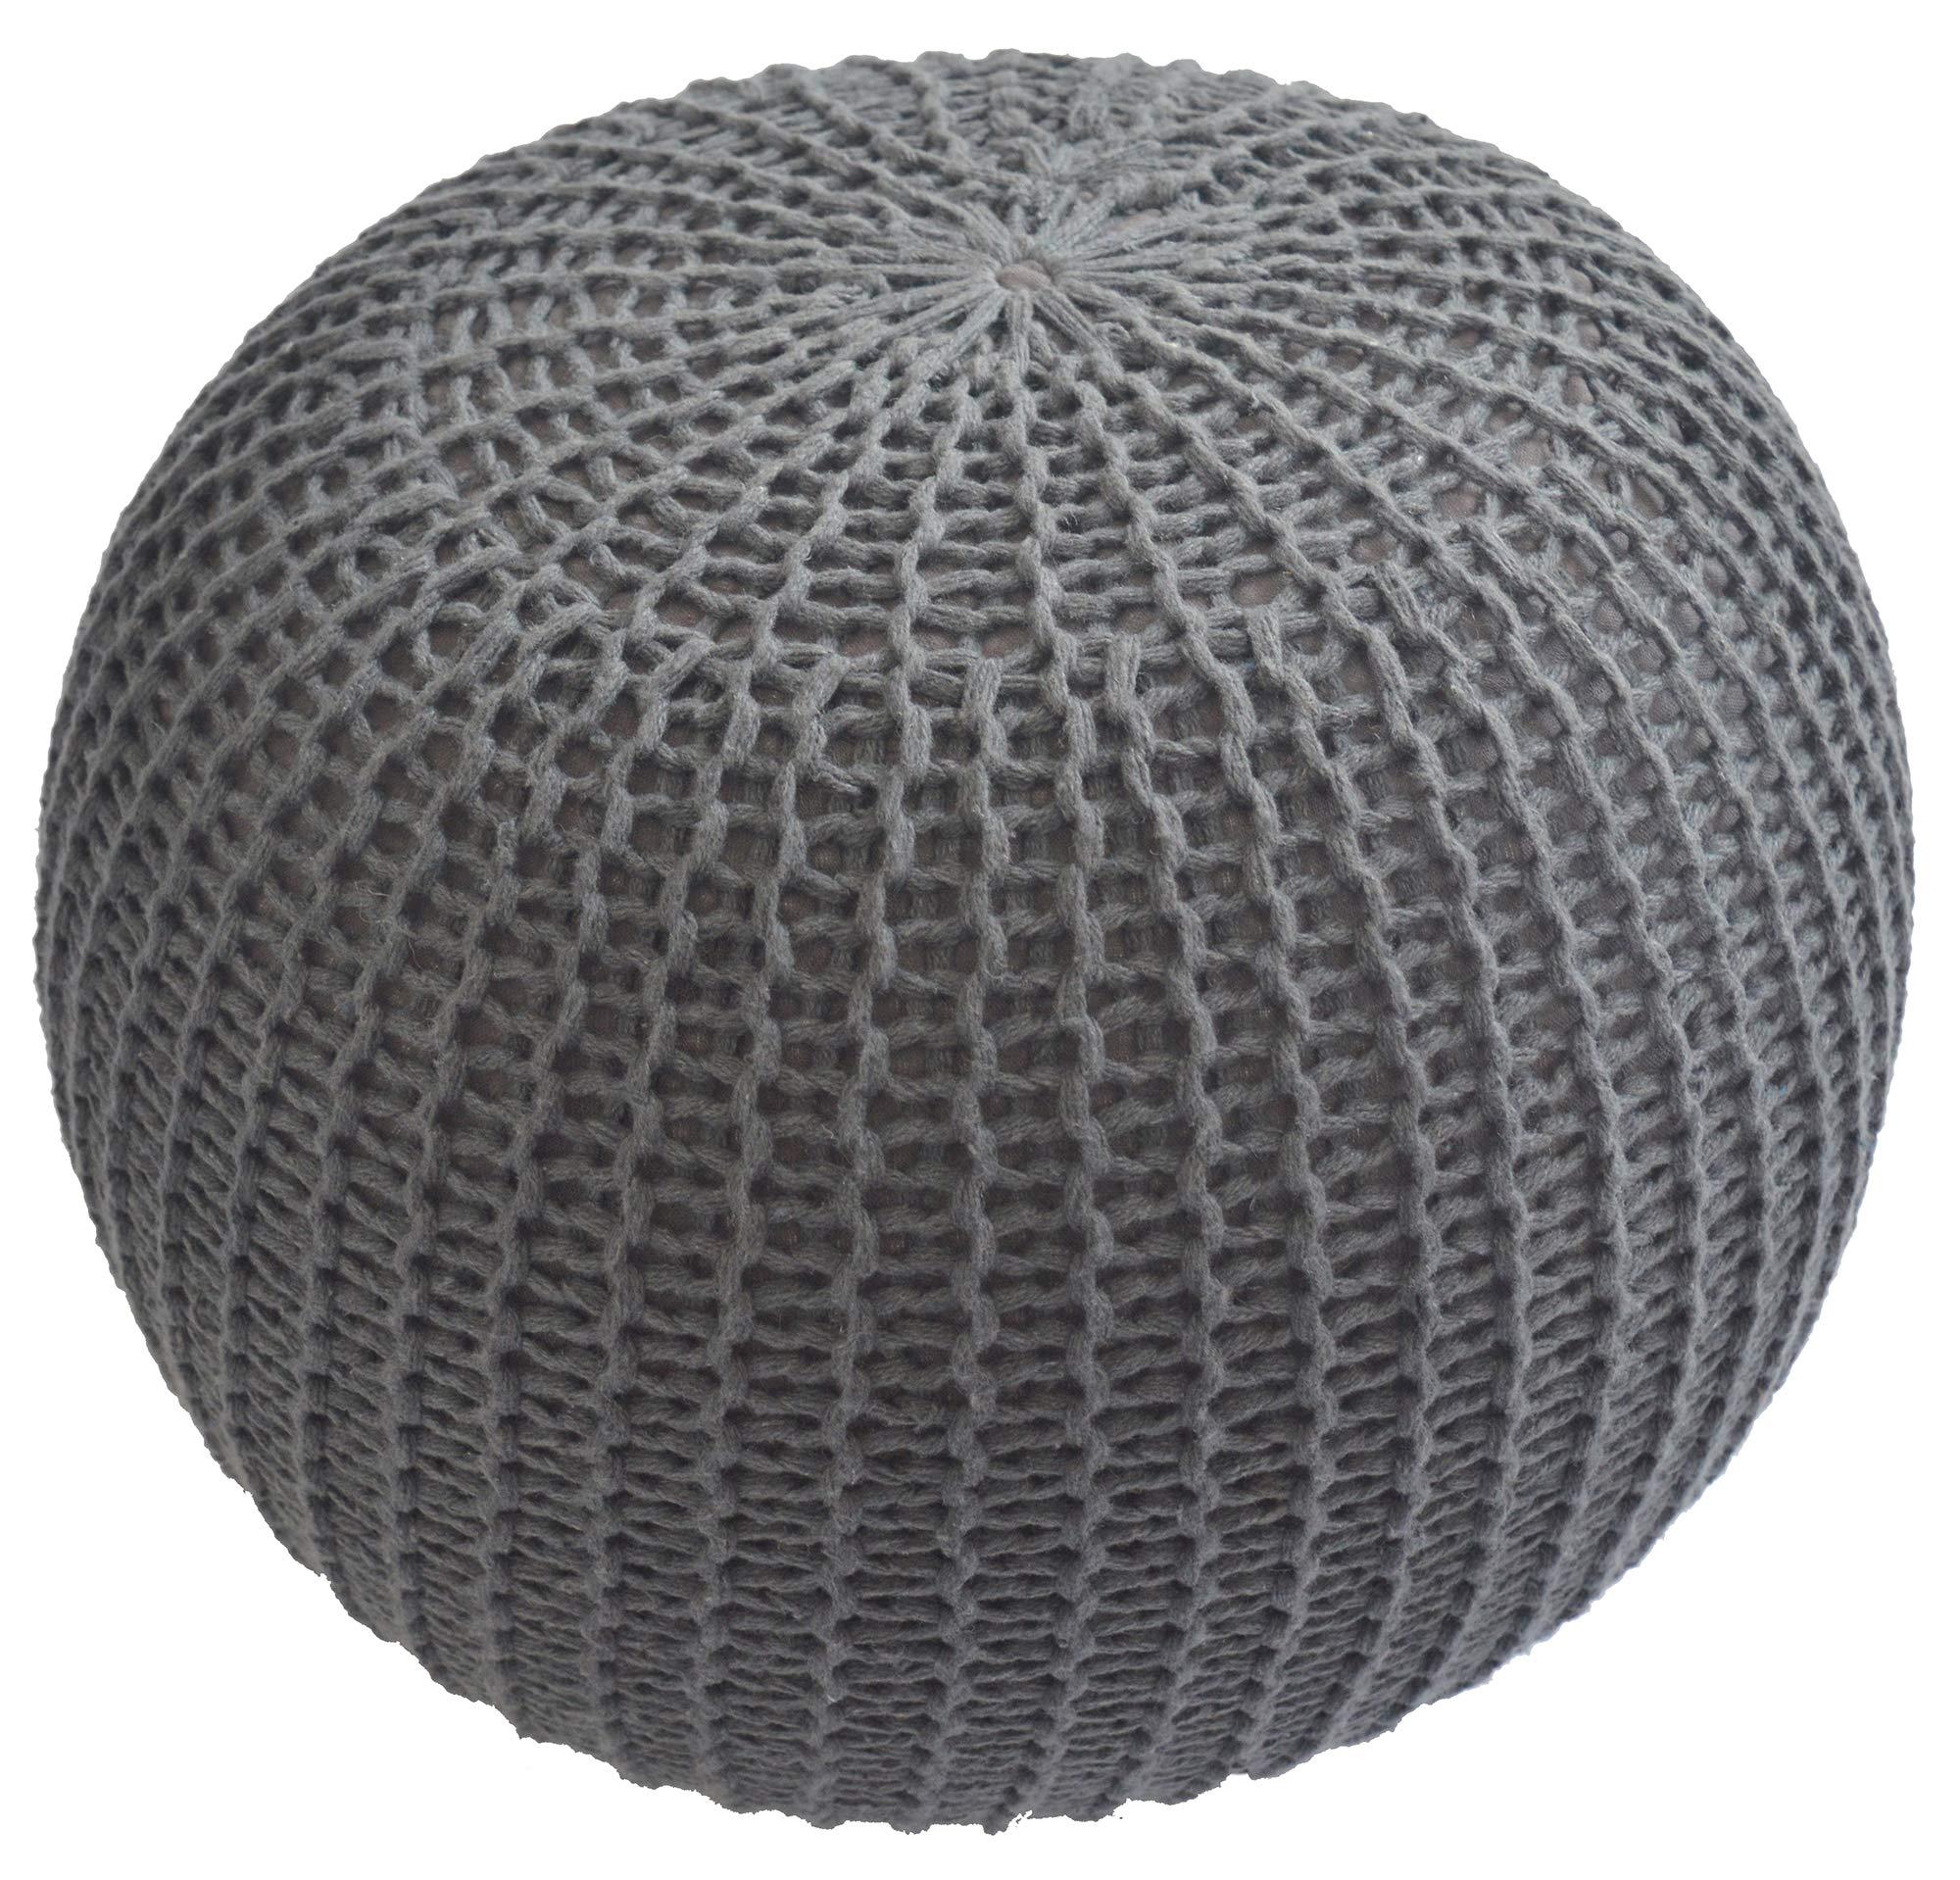 Urban Shop Round Knit Pouf, Gray